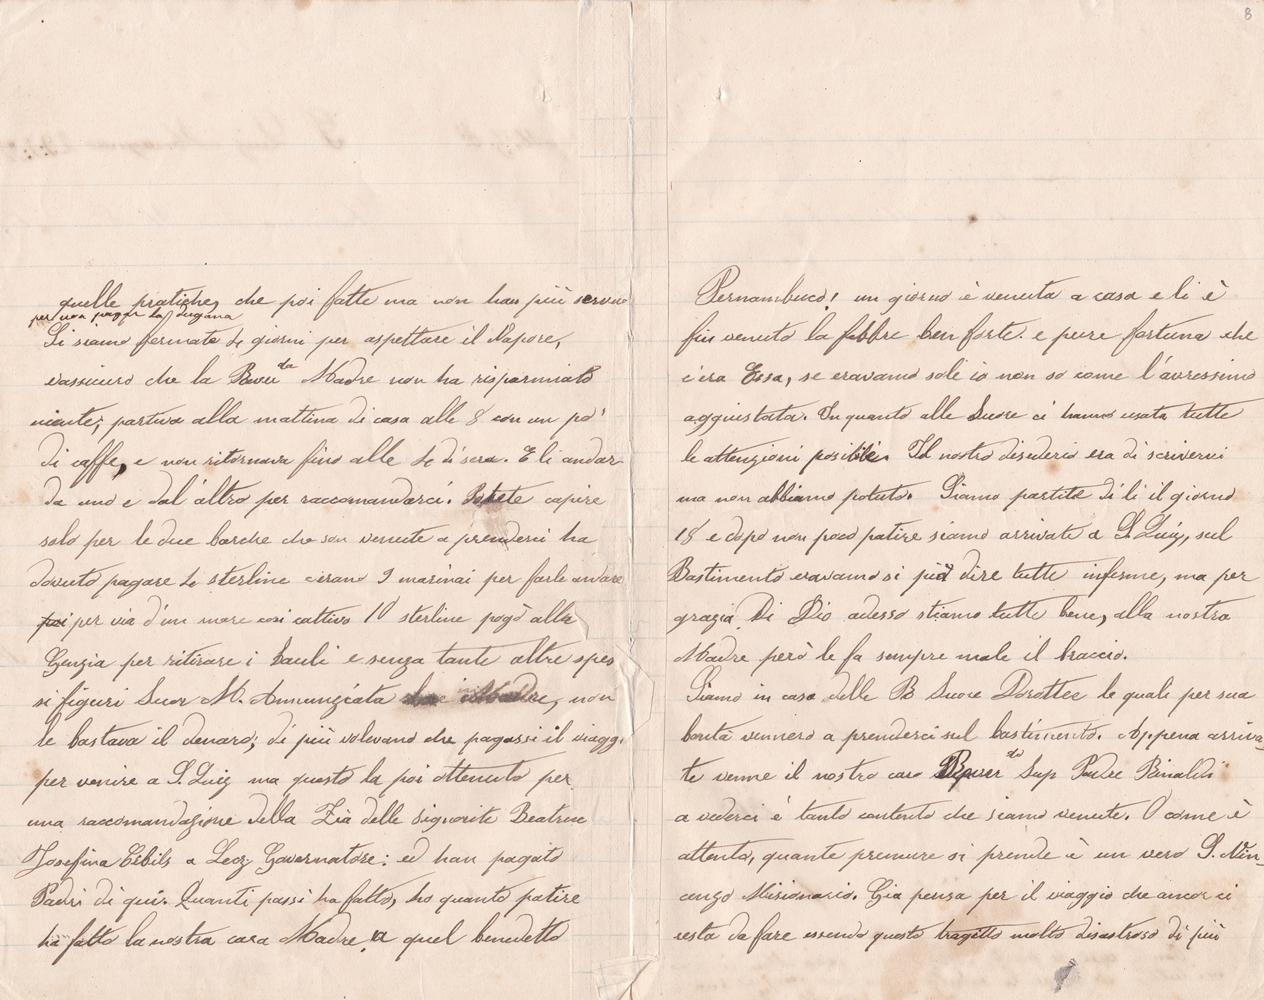 Lettera del 29 maggio 1899 verso